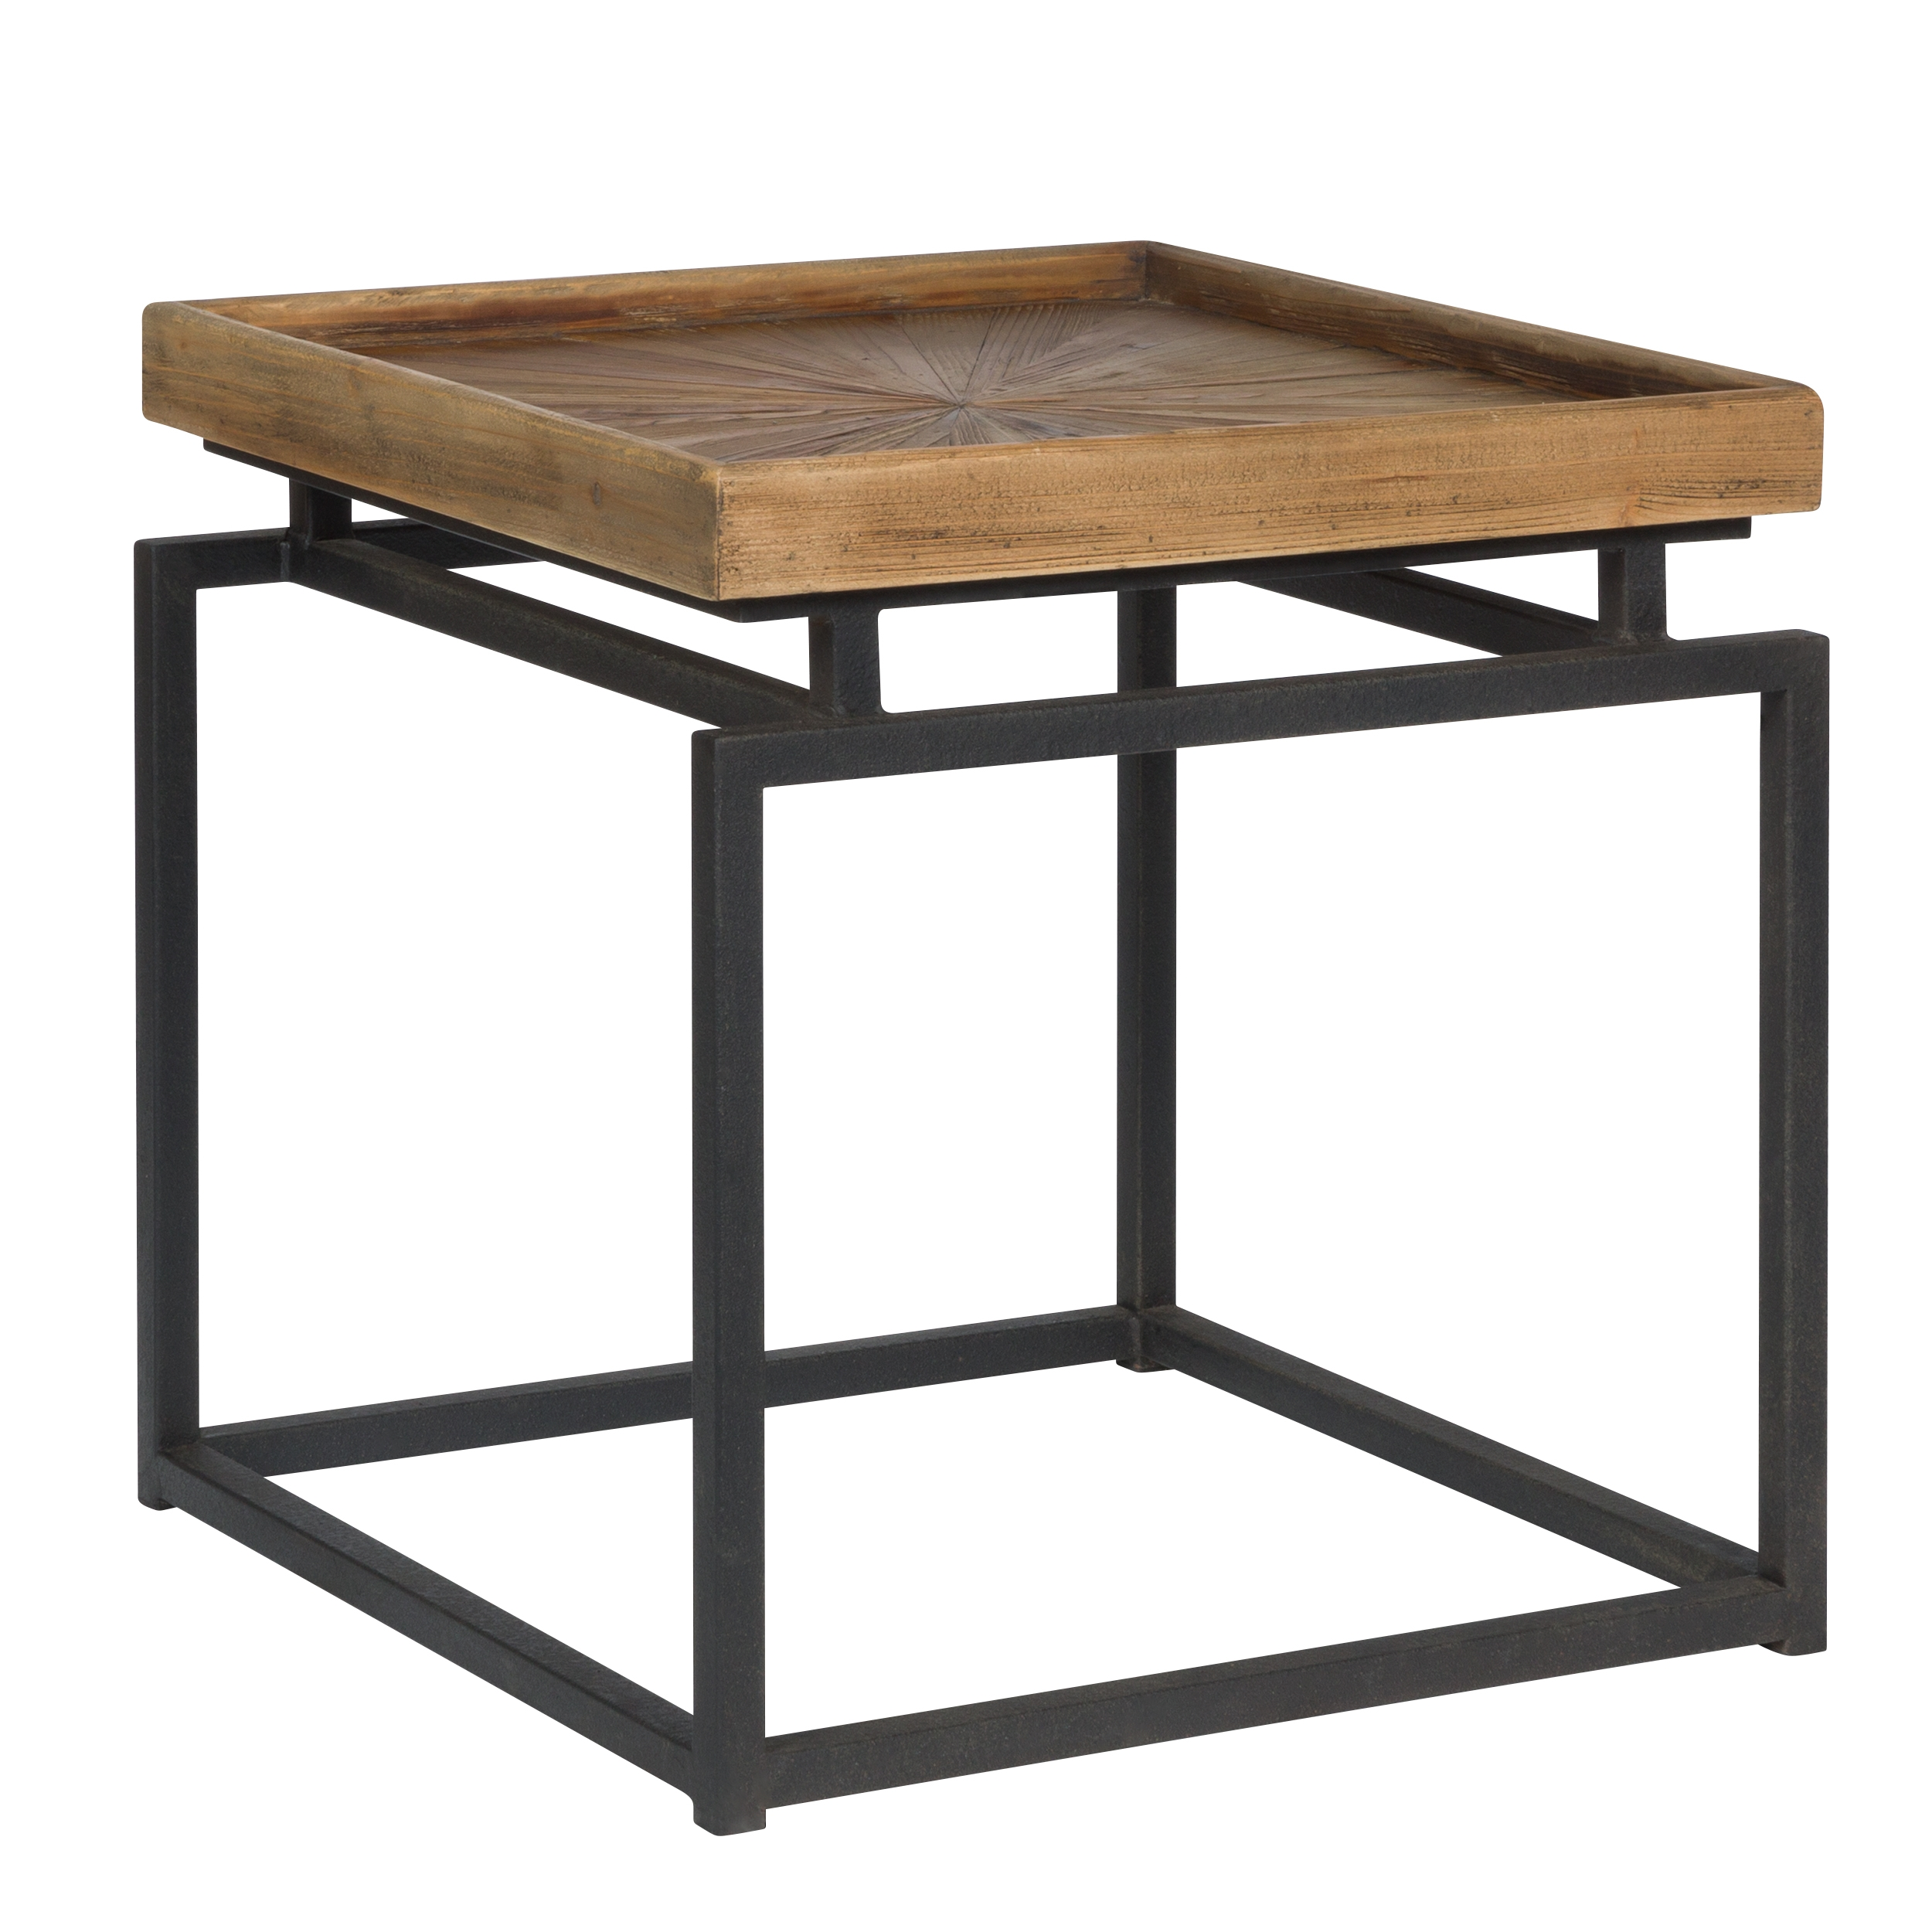 Table basse carrée en bois recyclé et métal